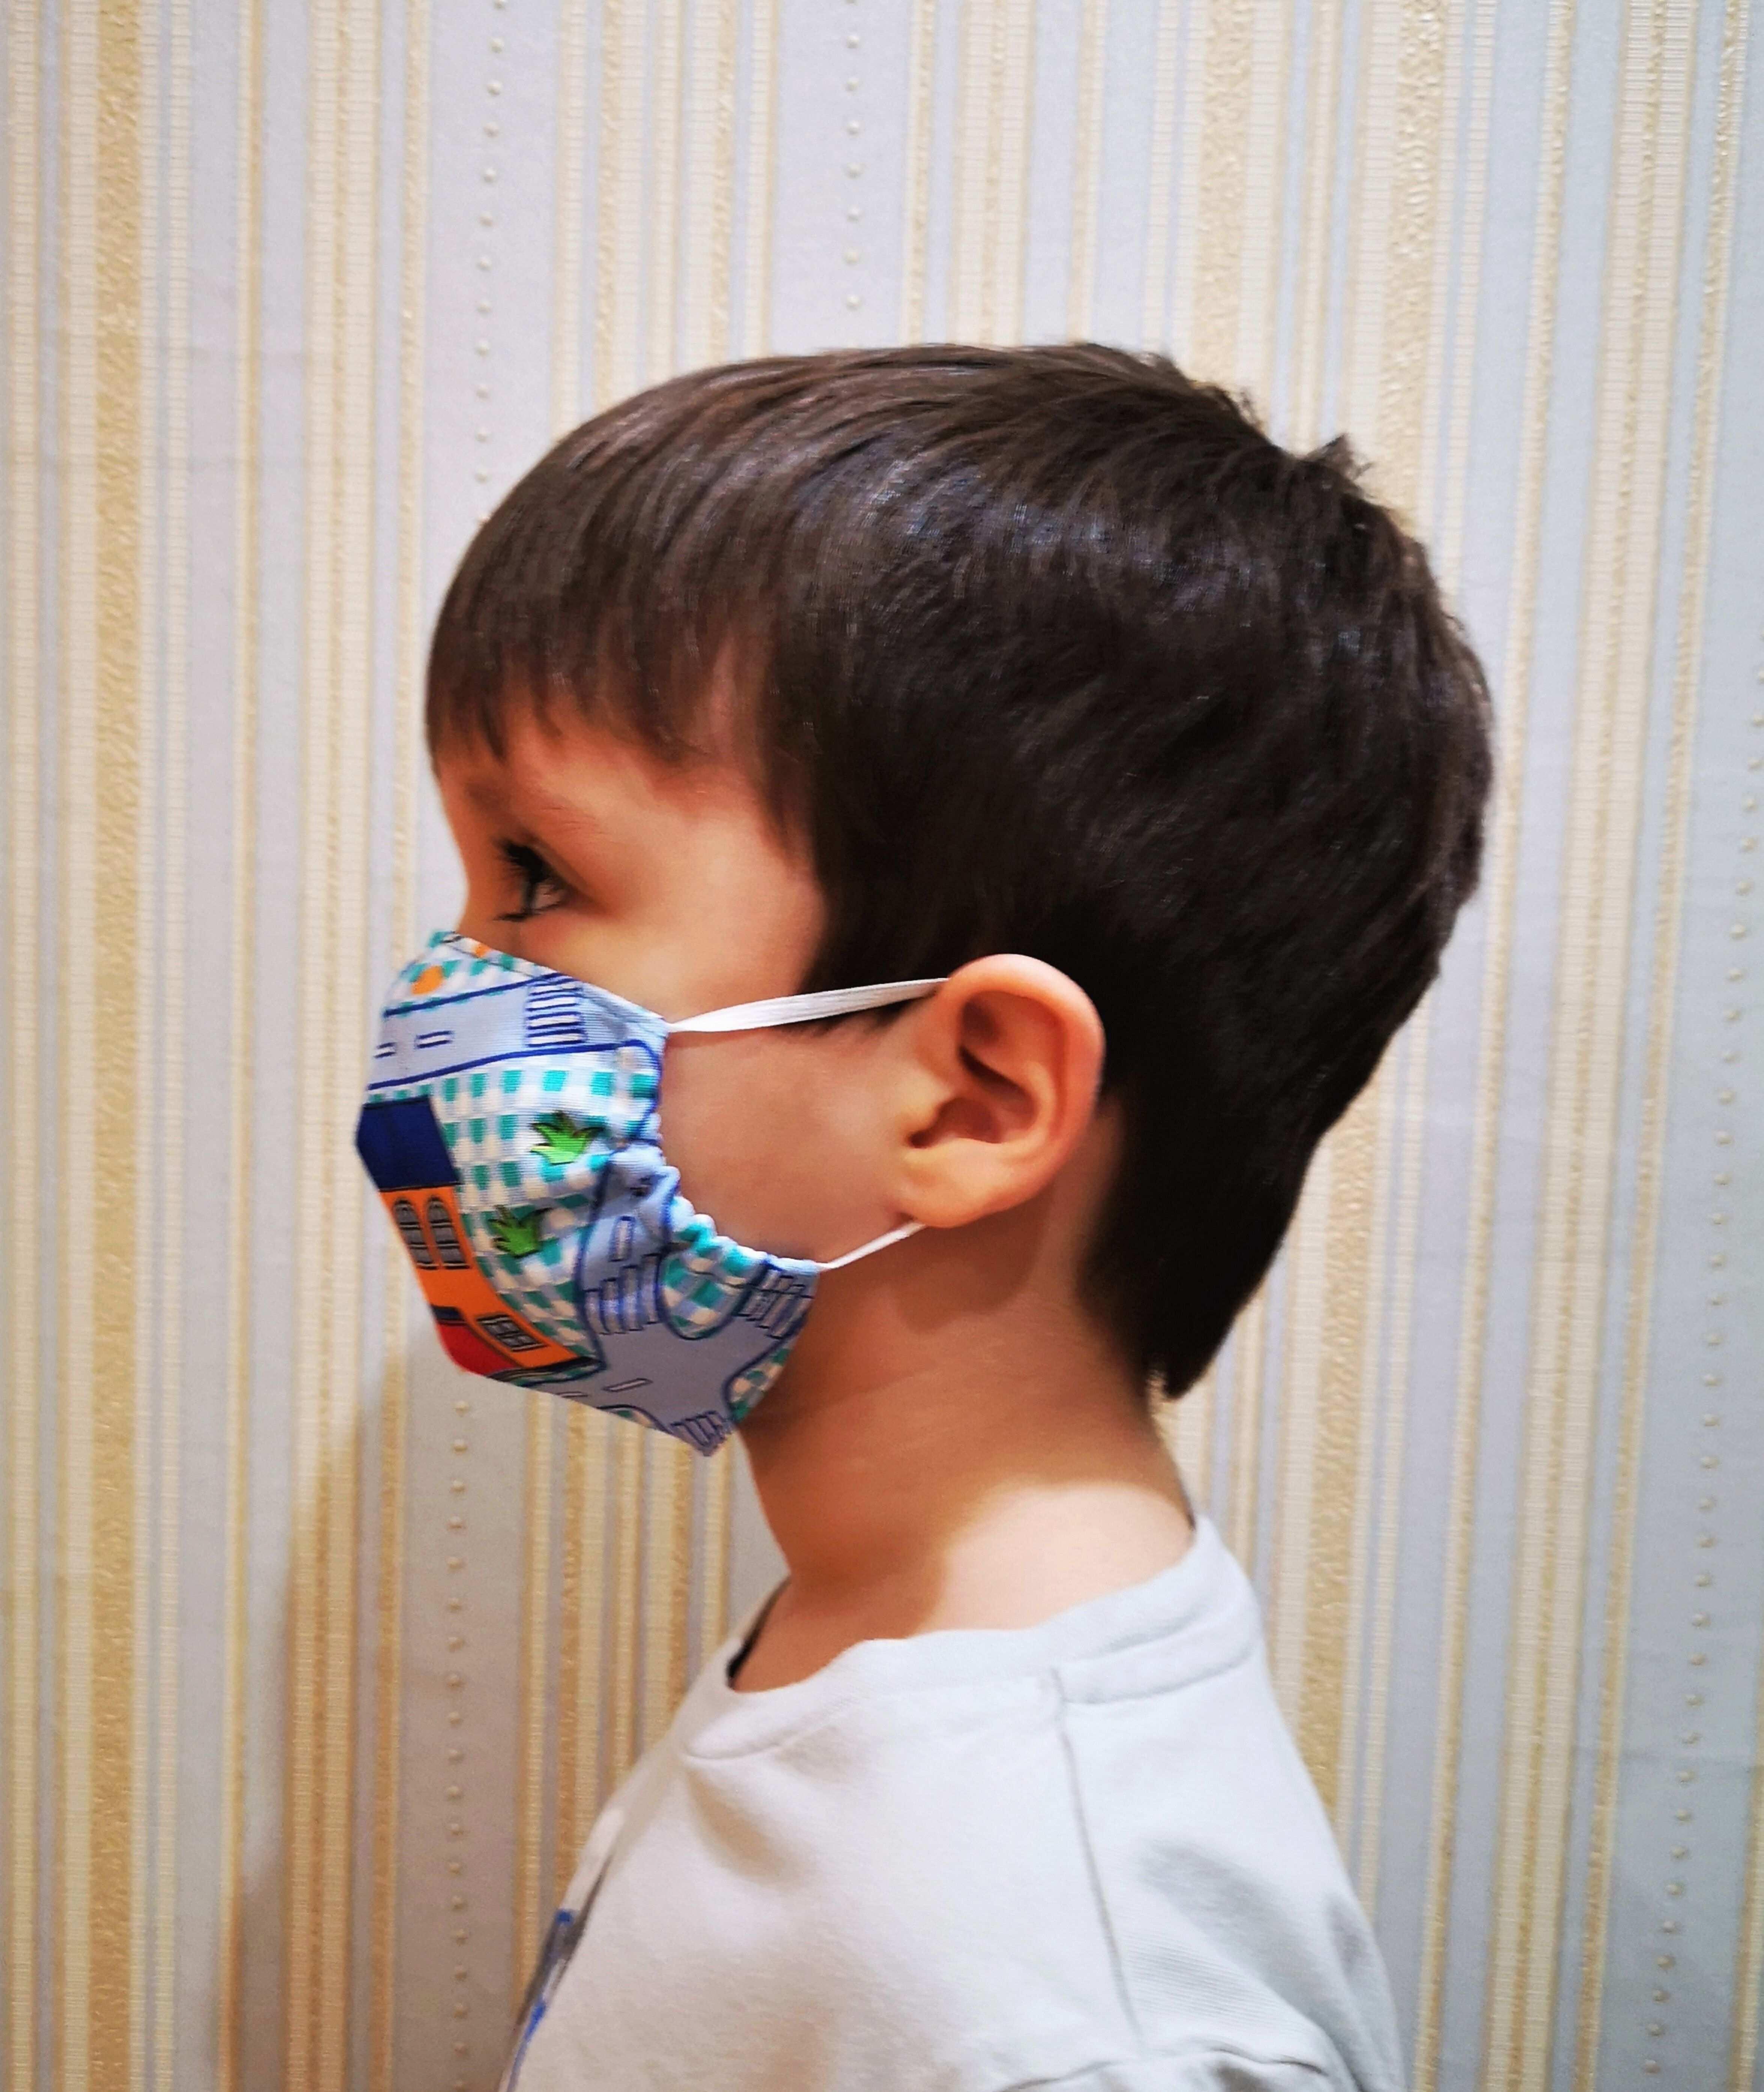 Vorlage Fur Kinder Gesichtsmasken Ildren S Gesicht Eine Maske Aus Dem Staub W Um Eine Gesichtsmaske In 2020 Masken Kinder Masken Gesichts Masken